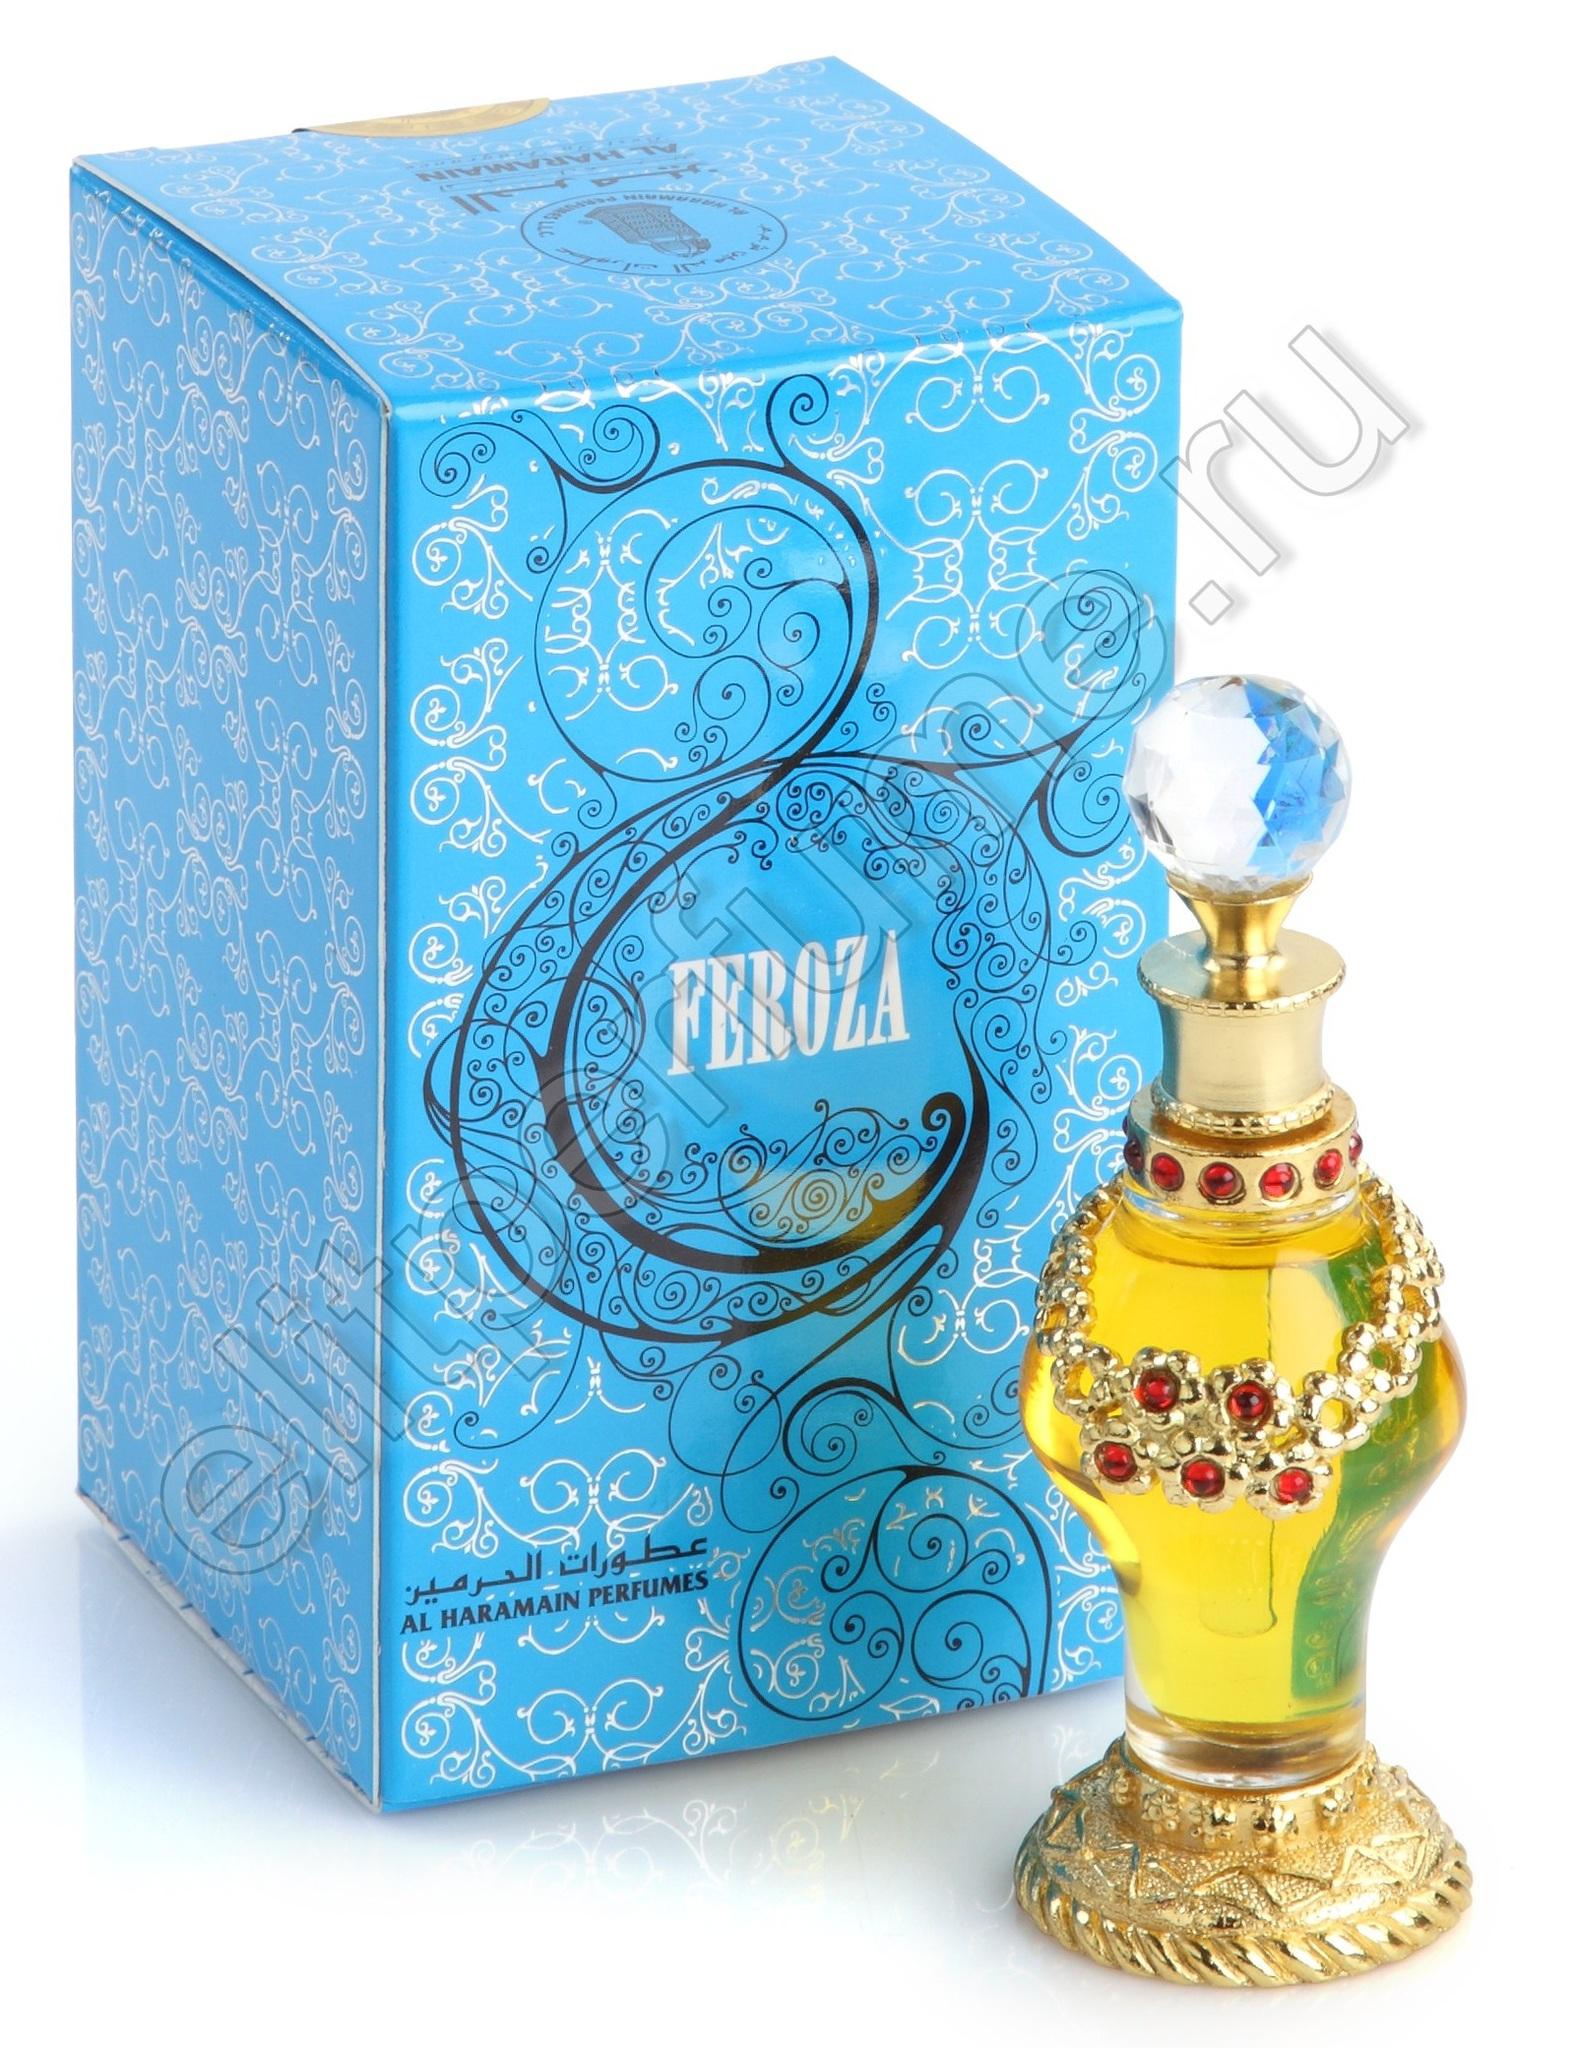 Арабские духи Фероза Feroza